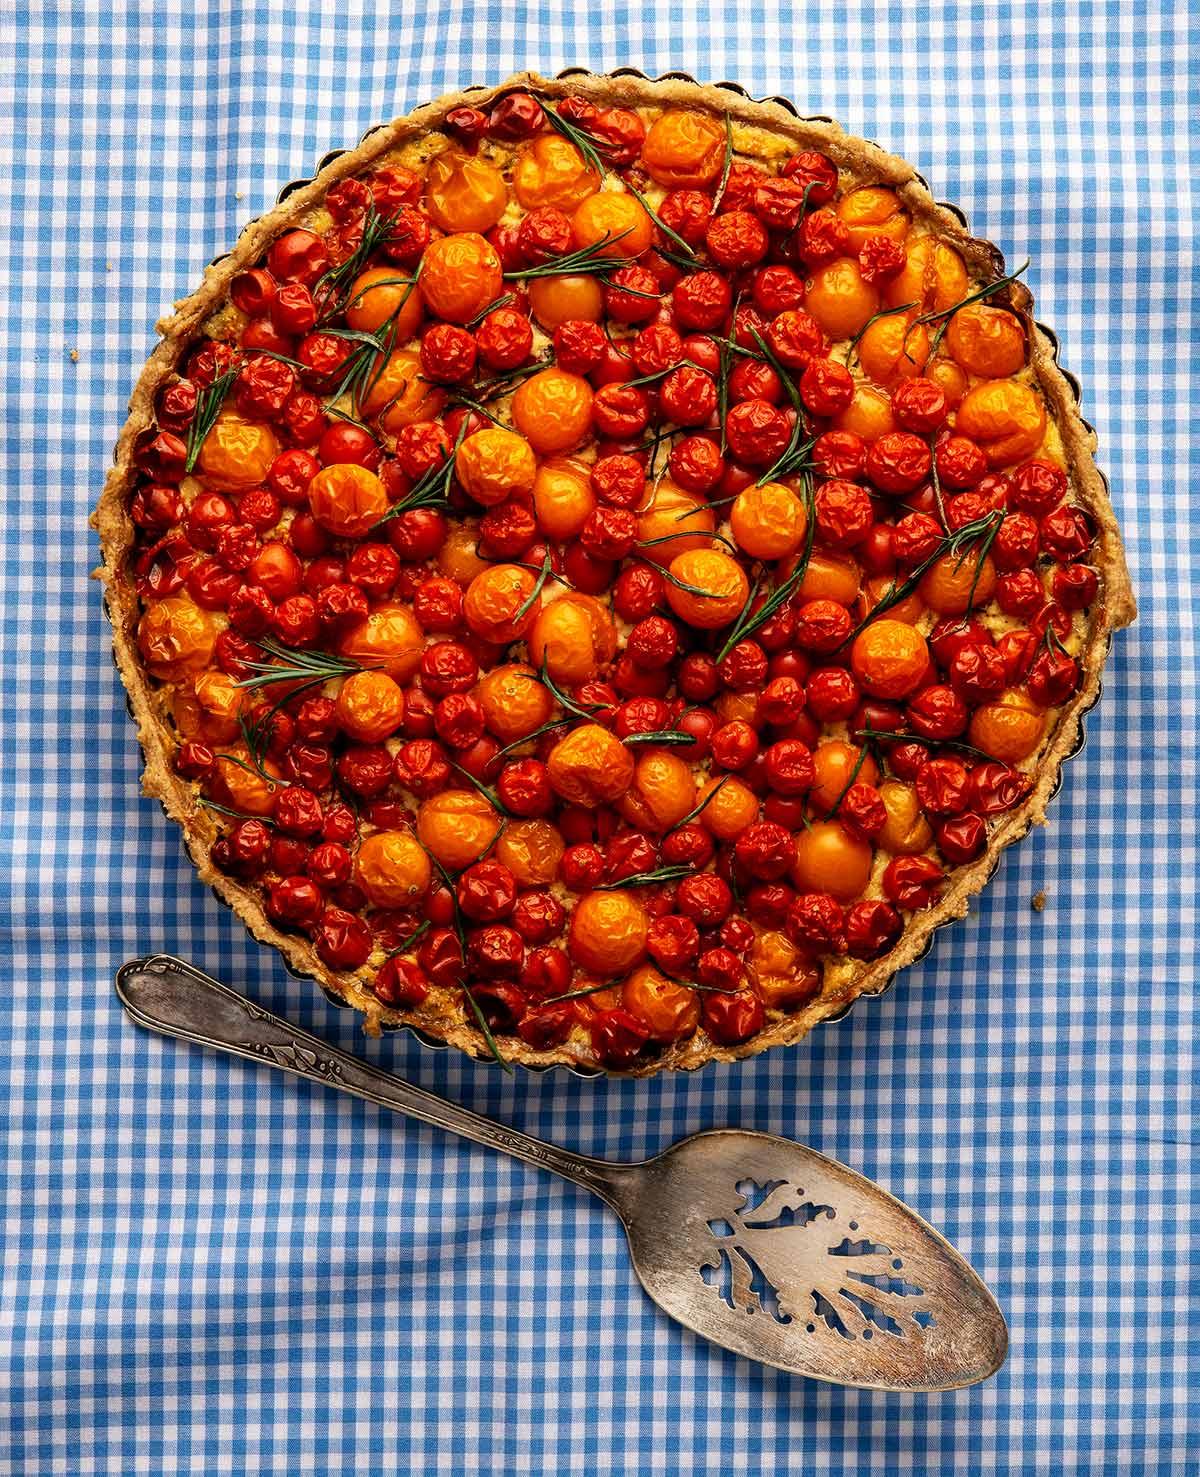 A cherry tomato tart ready to serve.